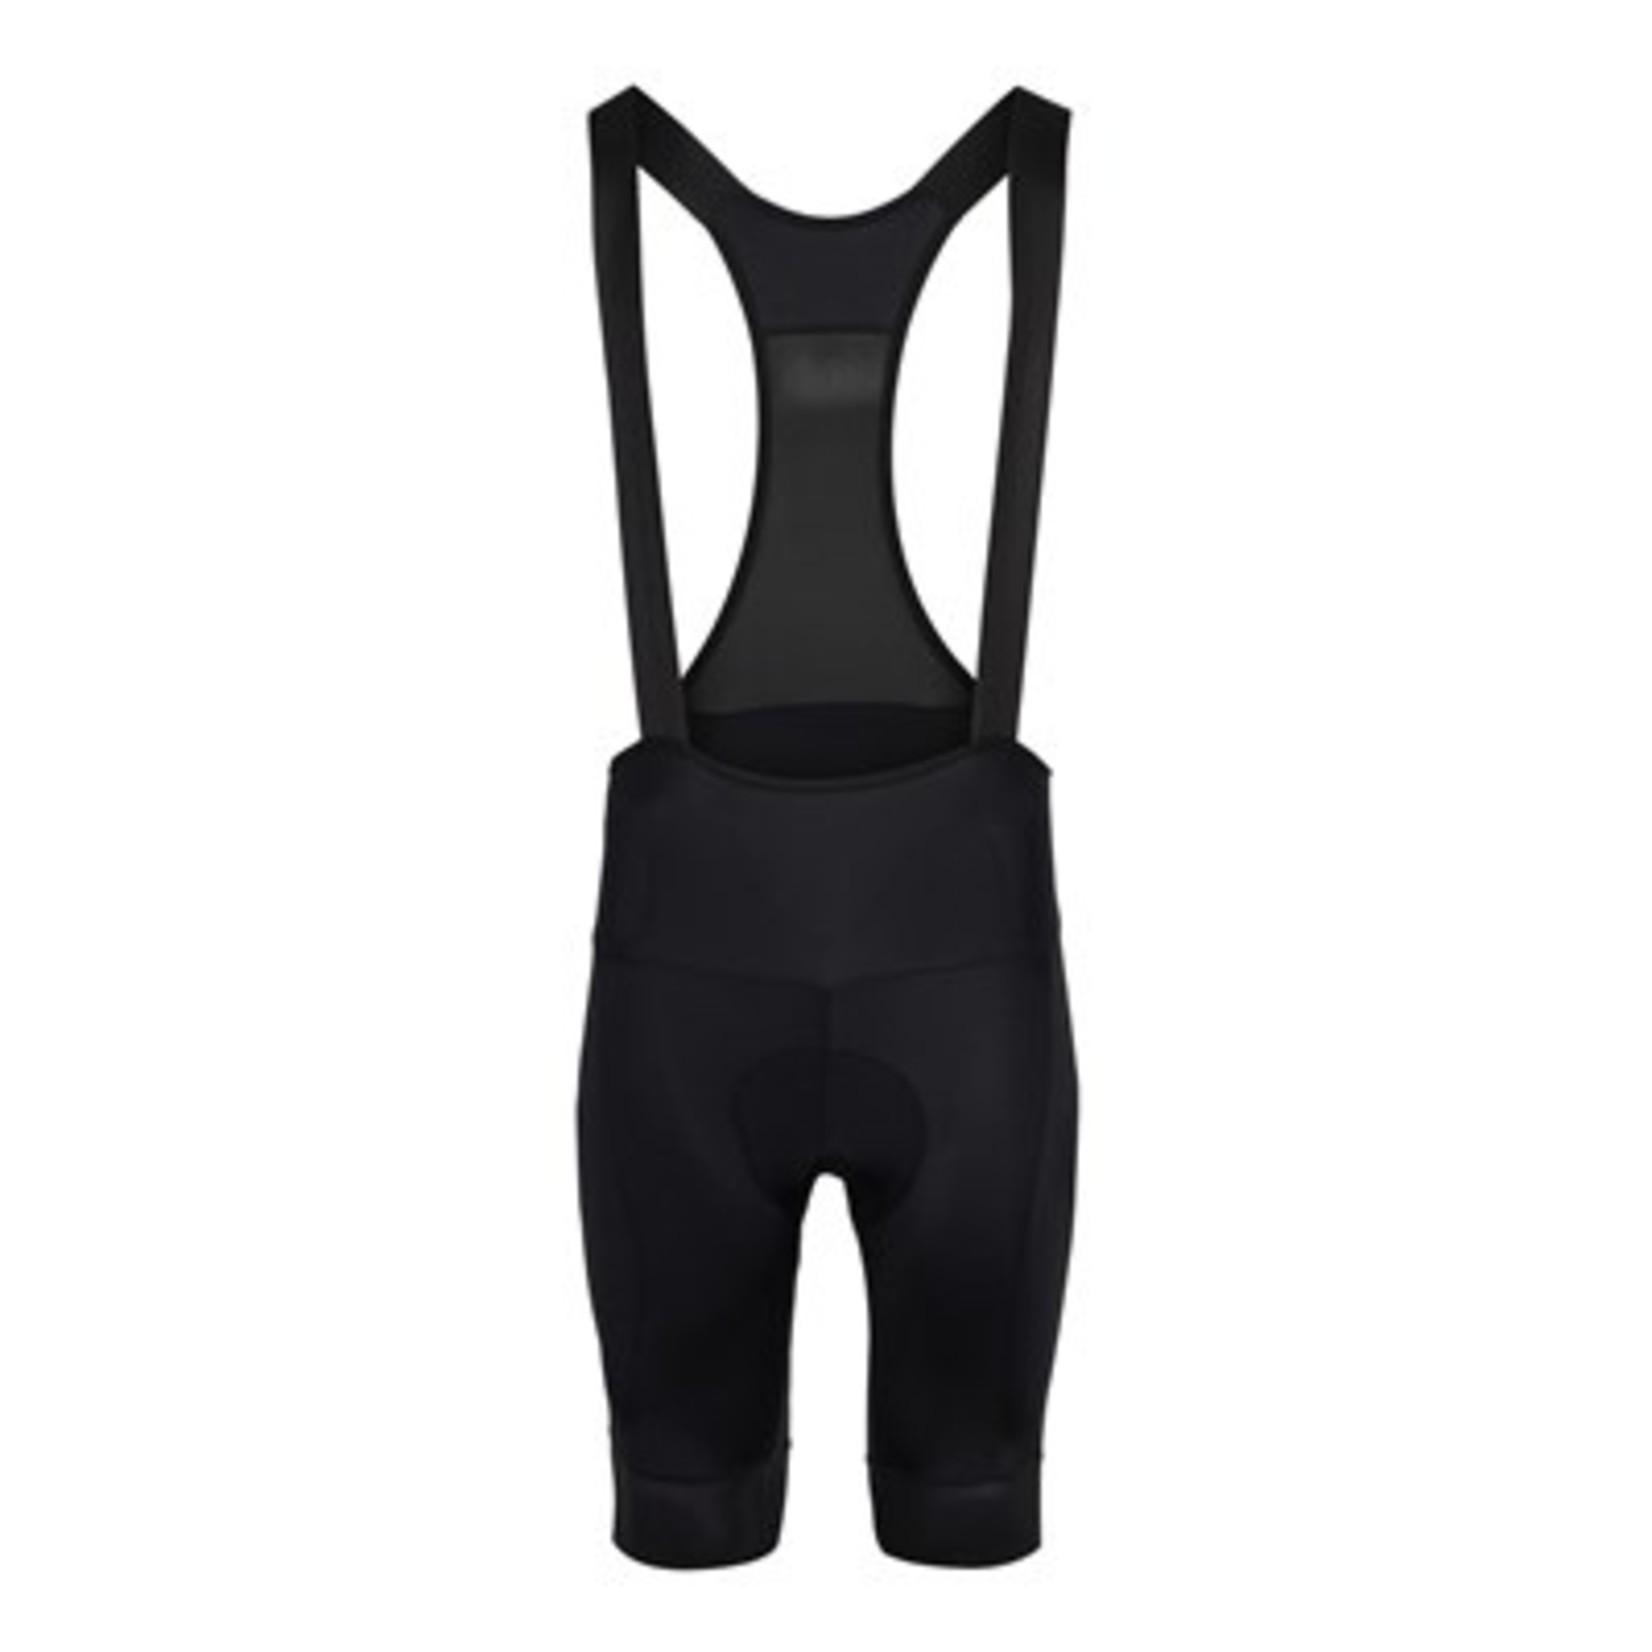 Lapierre Bib Shorts Ultimate San Remo M